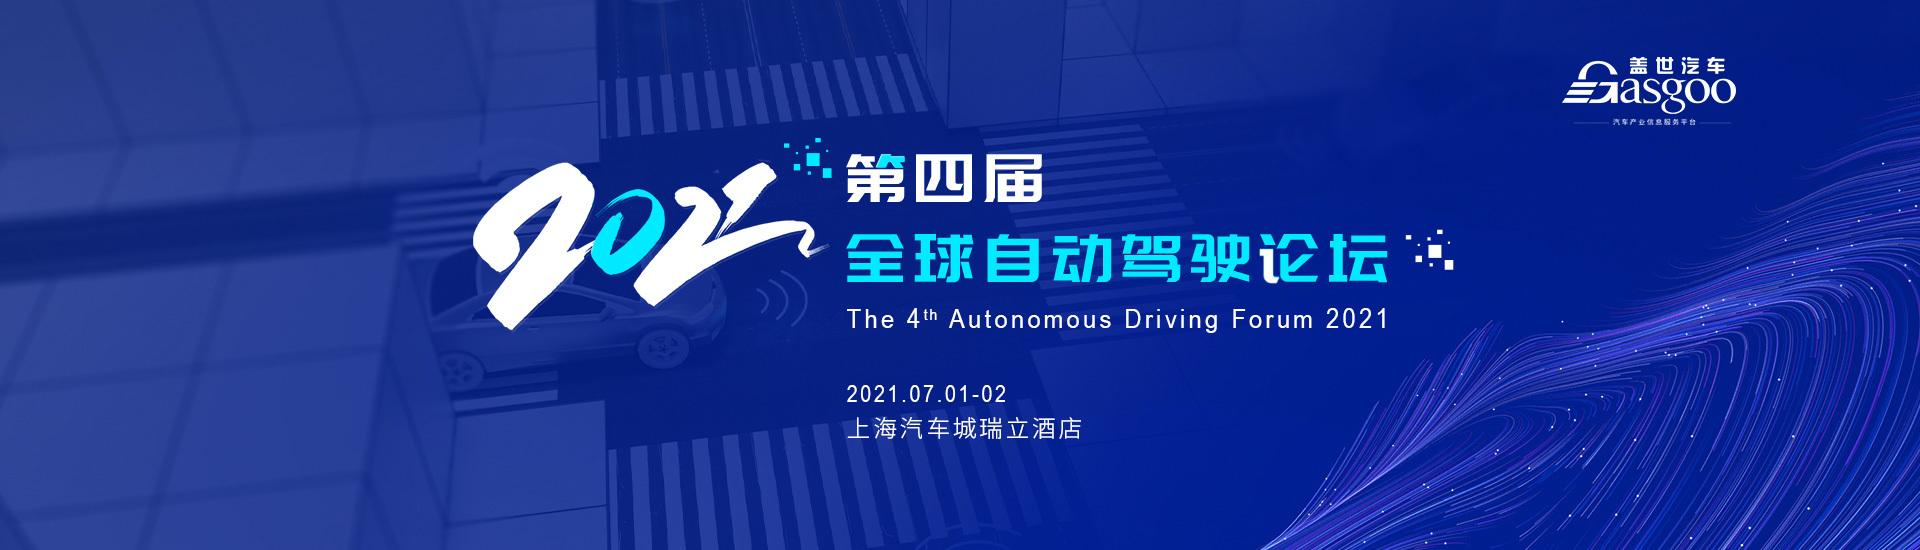 盖世汽车2021第四届全球自动驾驶论坛